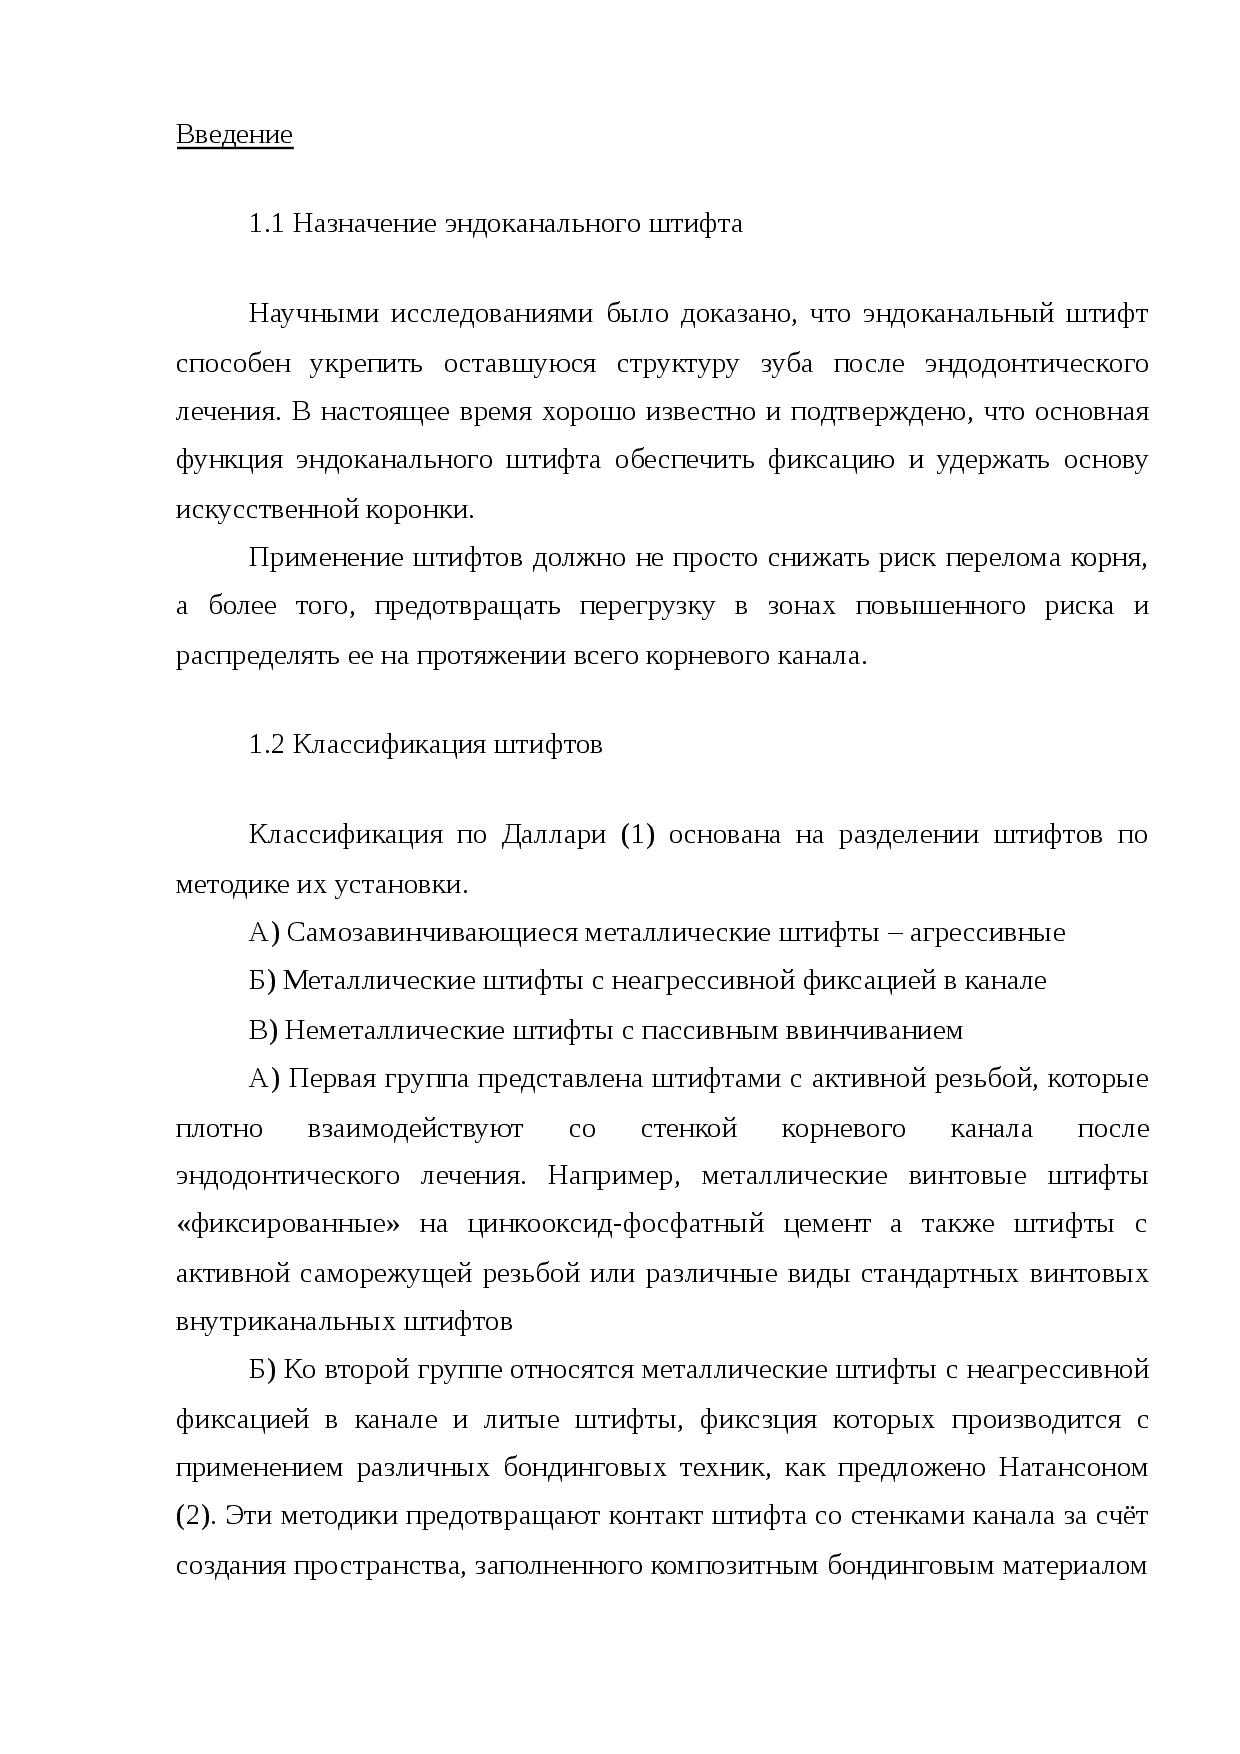 Анкерный штифт: достоинства и недостатки, особенности установки